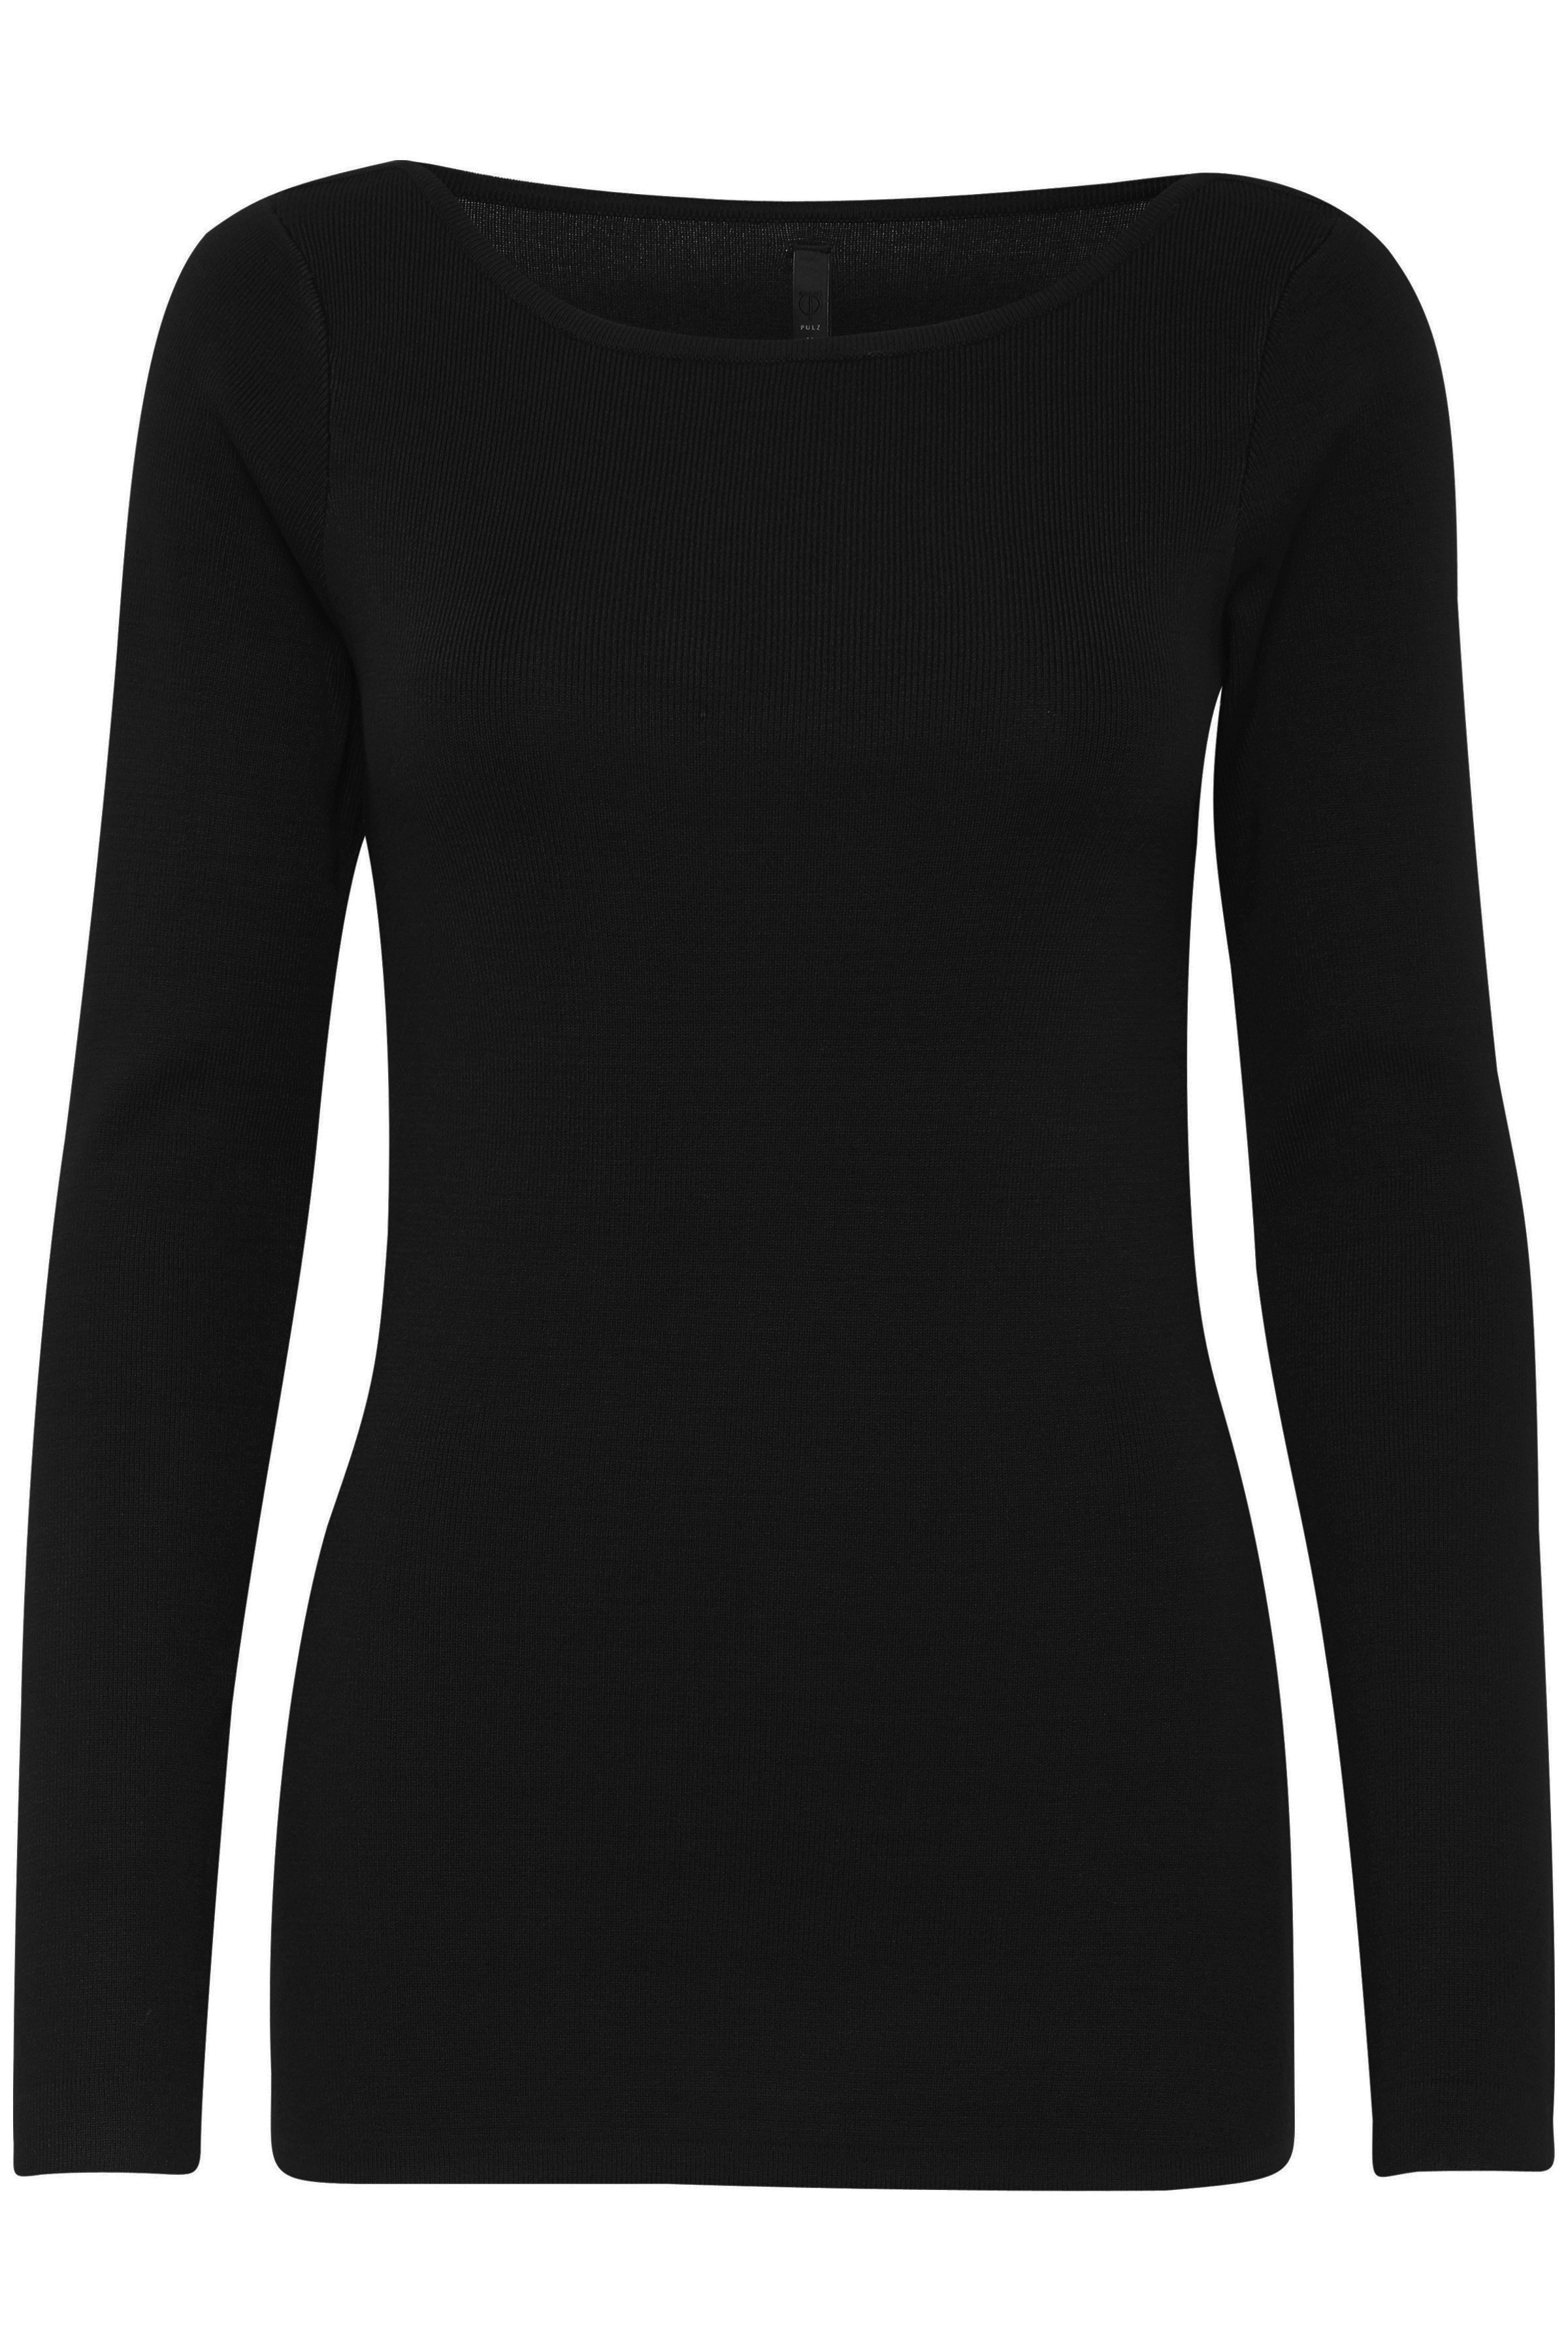 Image of   Pulz Jeans Dame Ribstrikket trøje - Sort